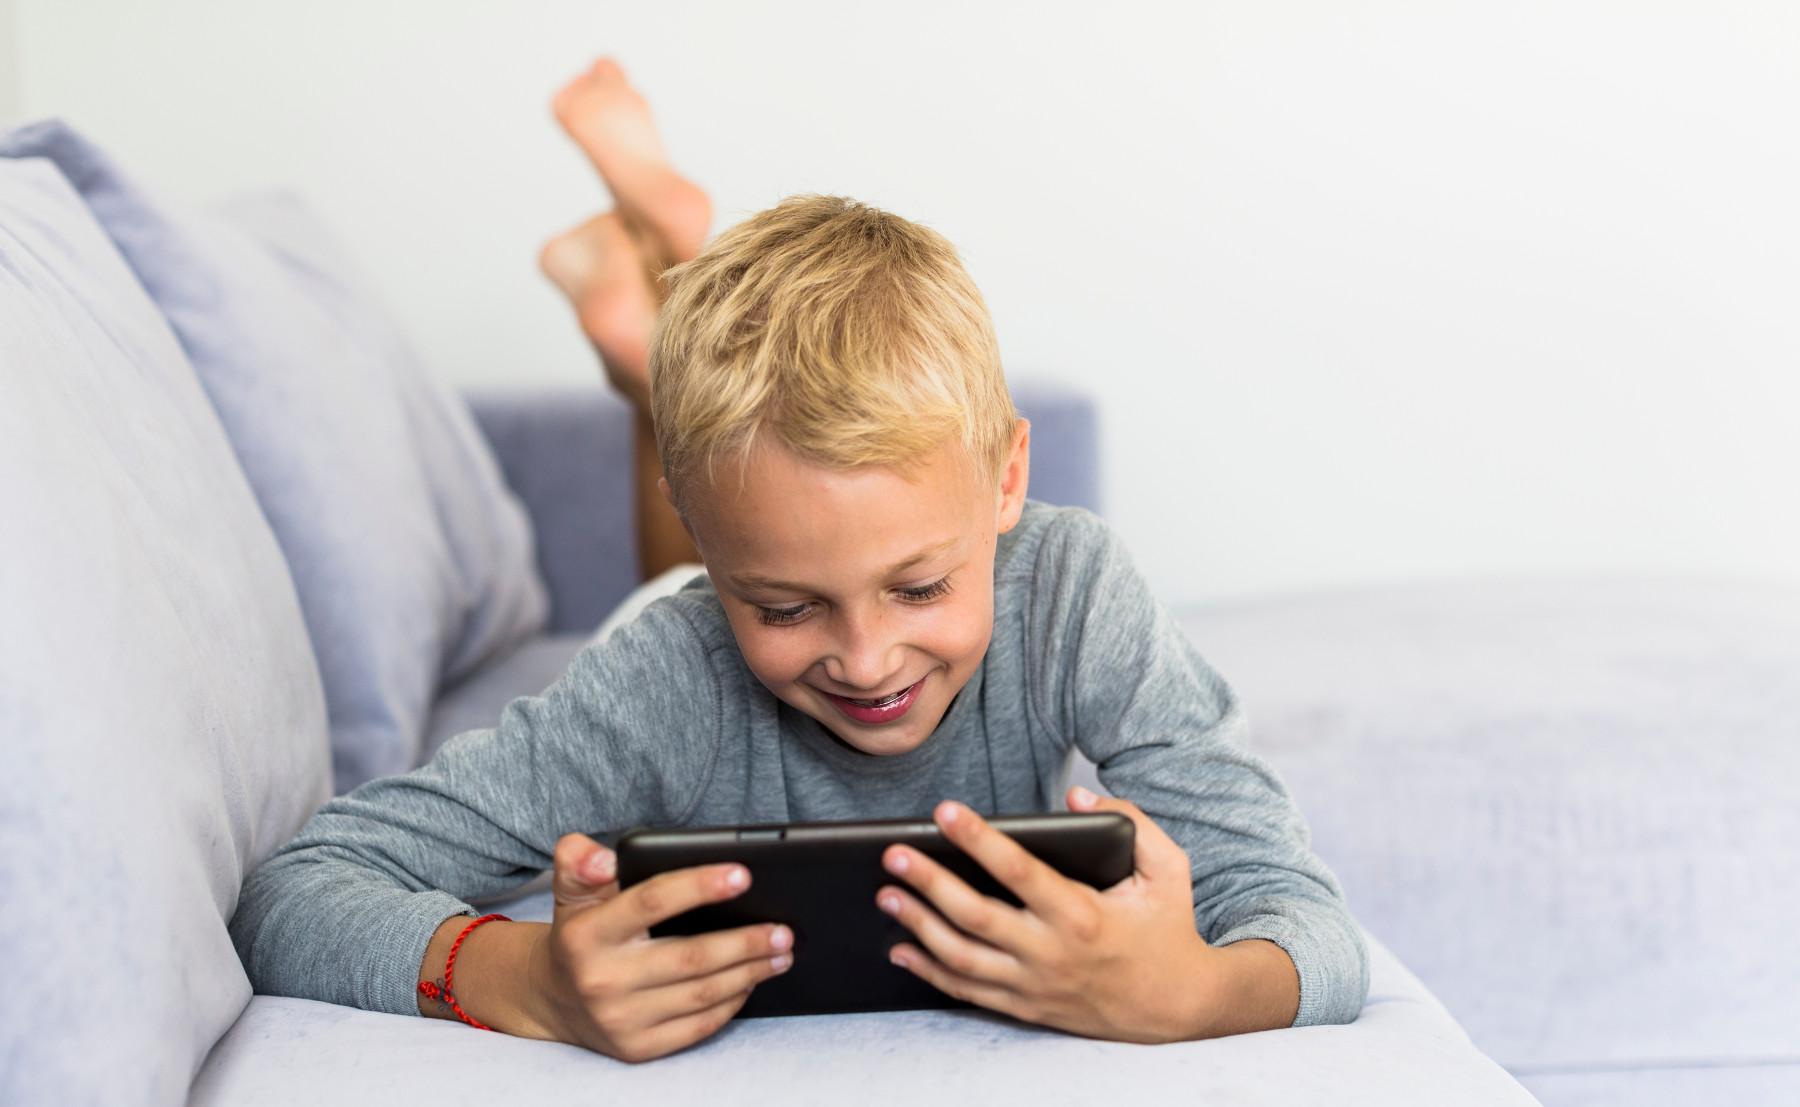 מה עושים כשהילד מכור למסך?